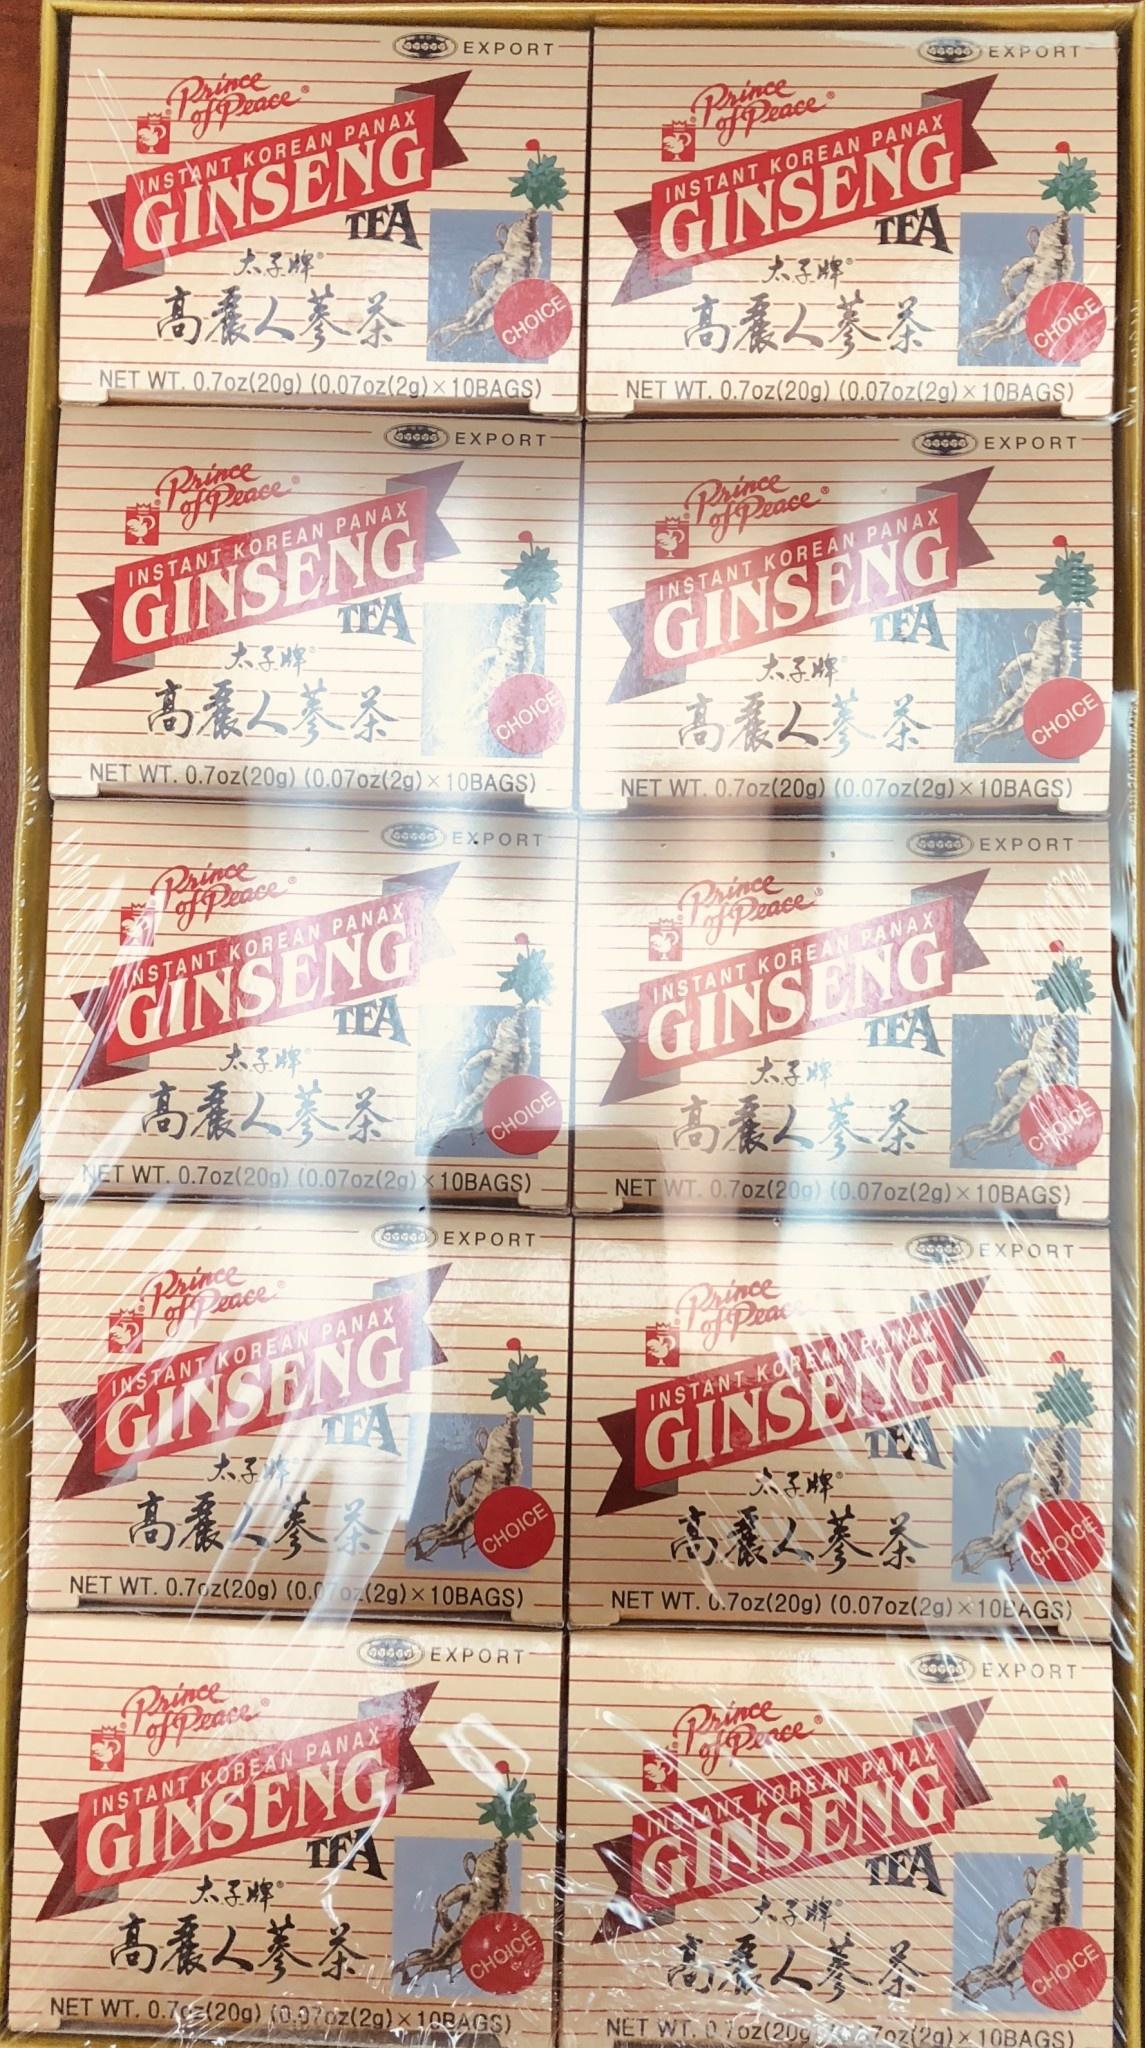 PP INSTANT KOREAN PANAX GINSENG TEA #100 BAGS (2GX10X10) - TRÀ NHÂN SÂM HÒA TAN HÀN QUỐC - 100 GÓI